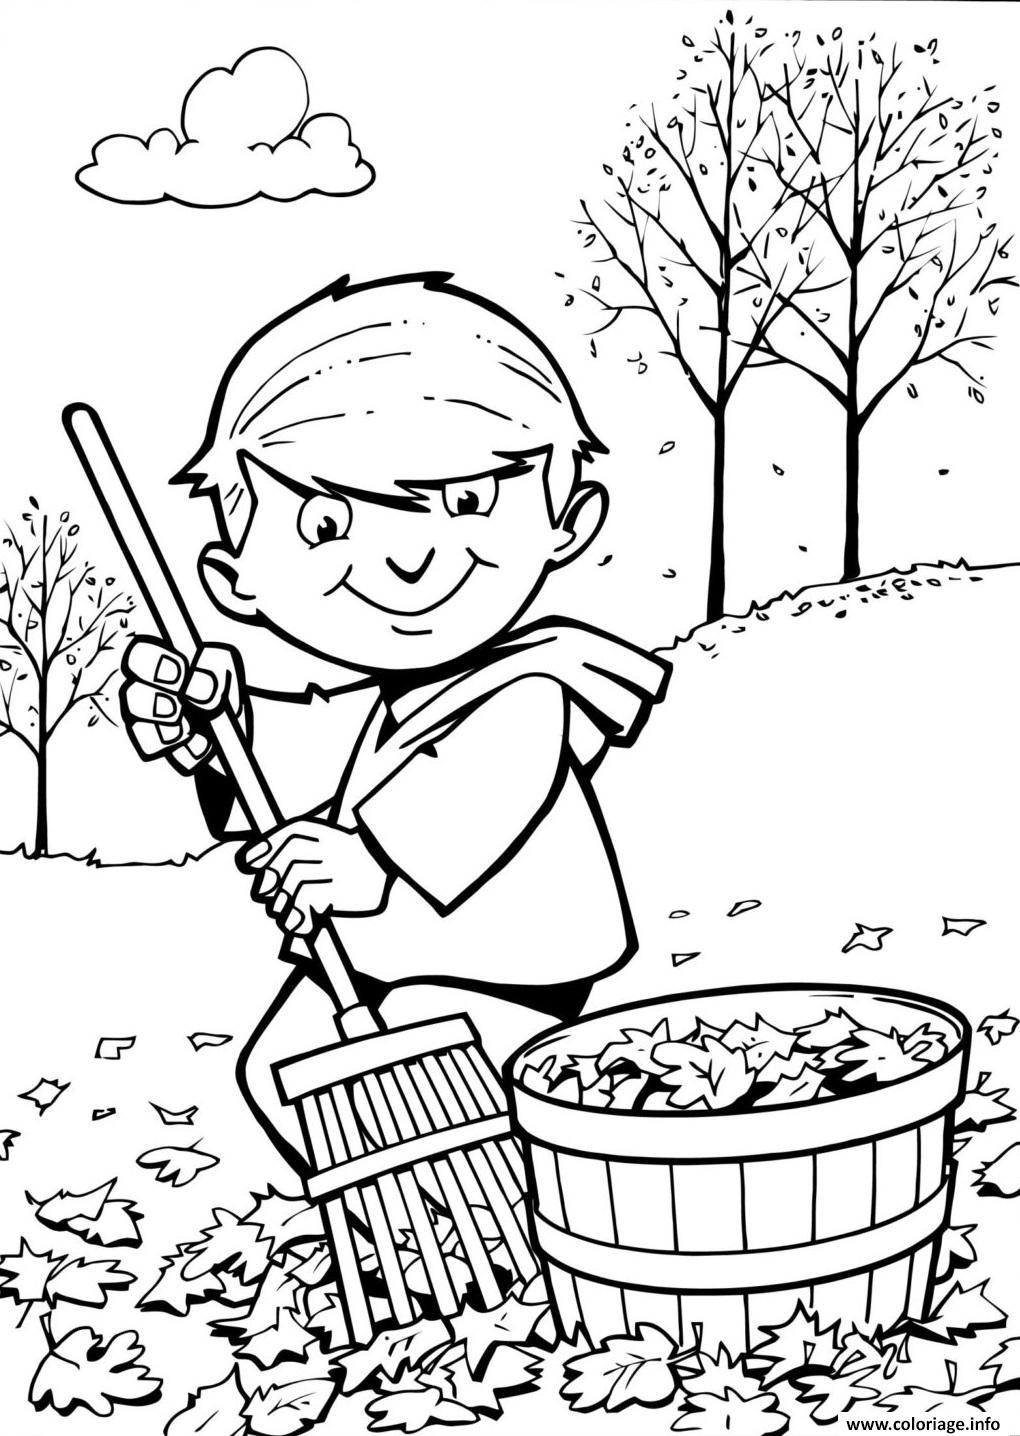 Coloriage Un Enfant Ramasse Les Feuilles Automne dessin